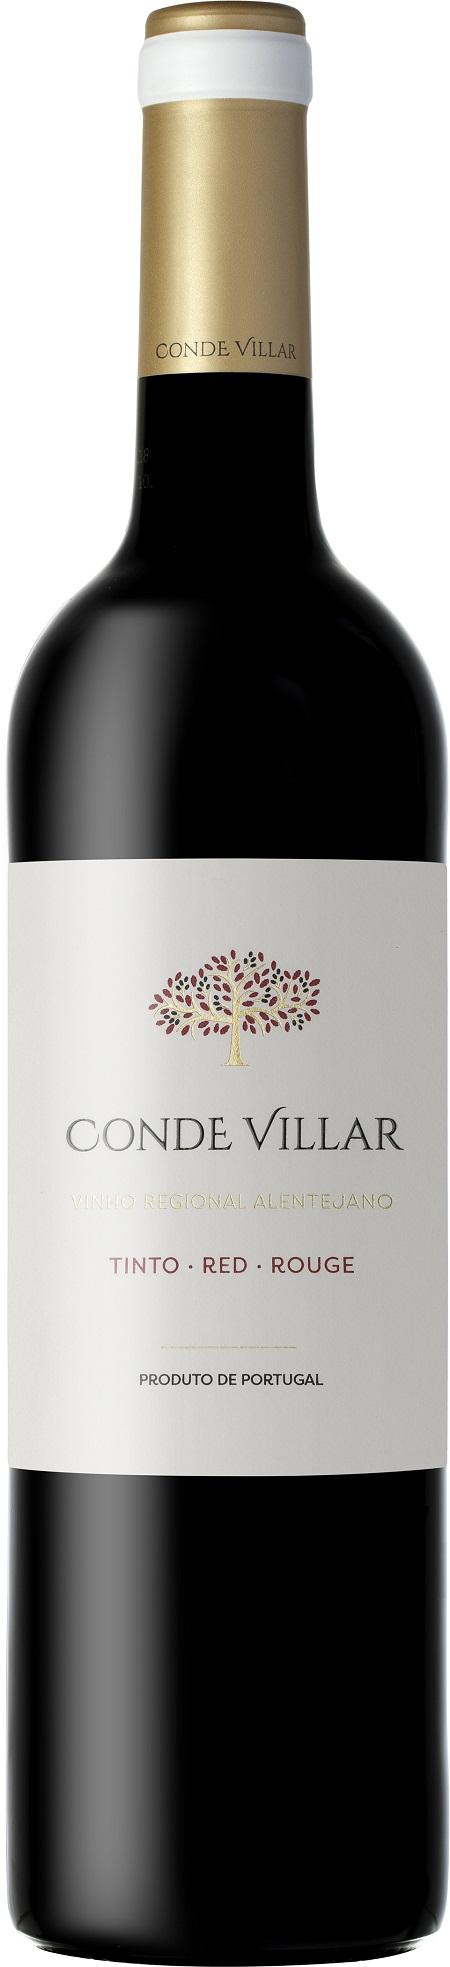 conde_villar_tinto